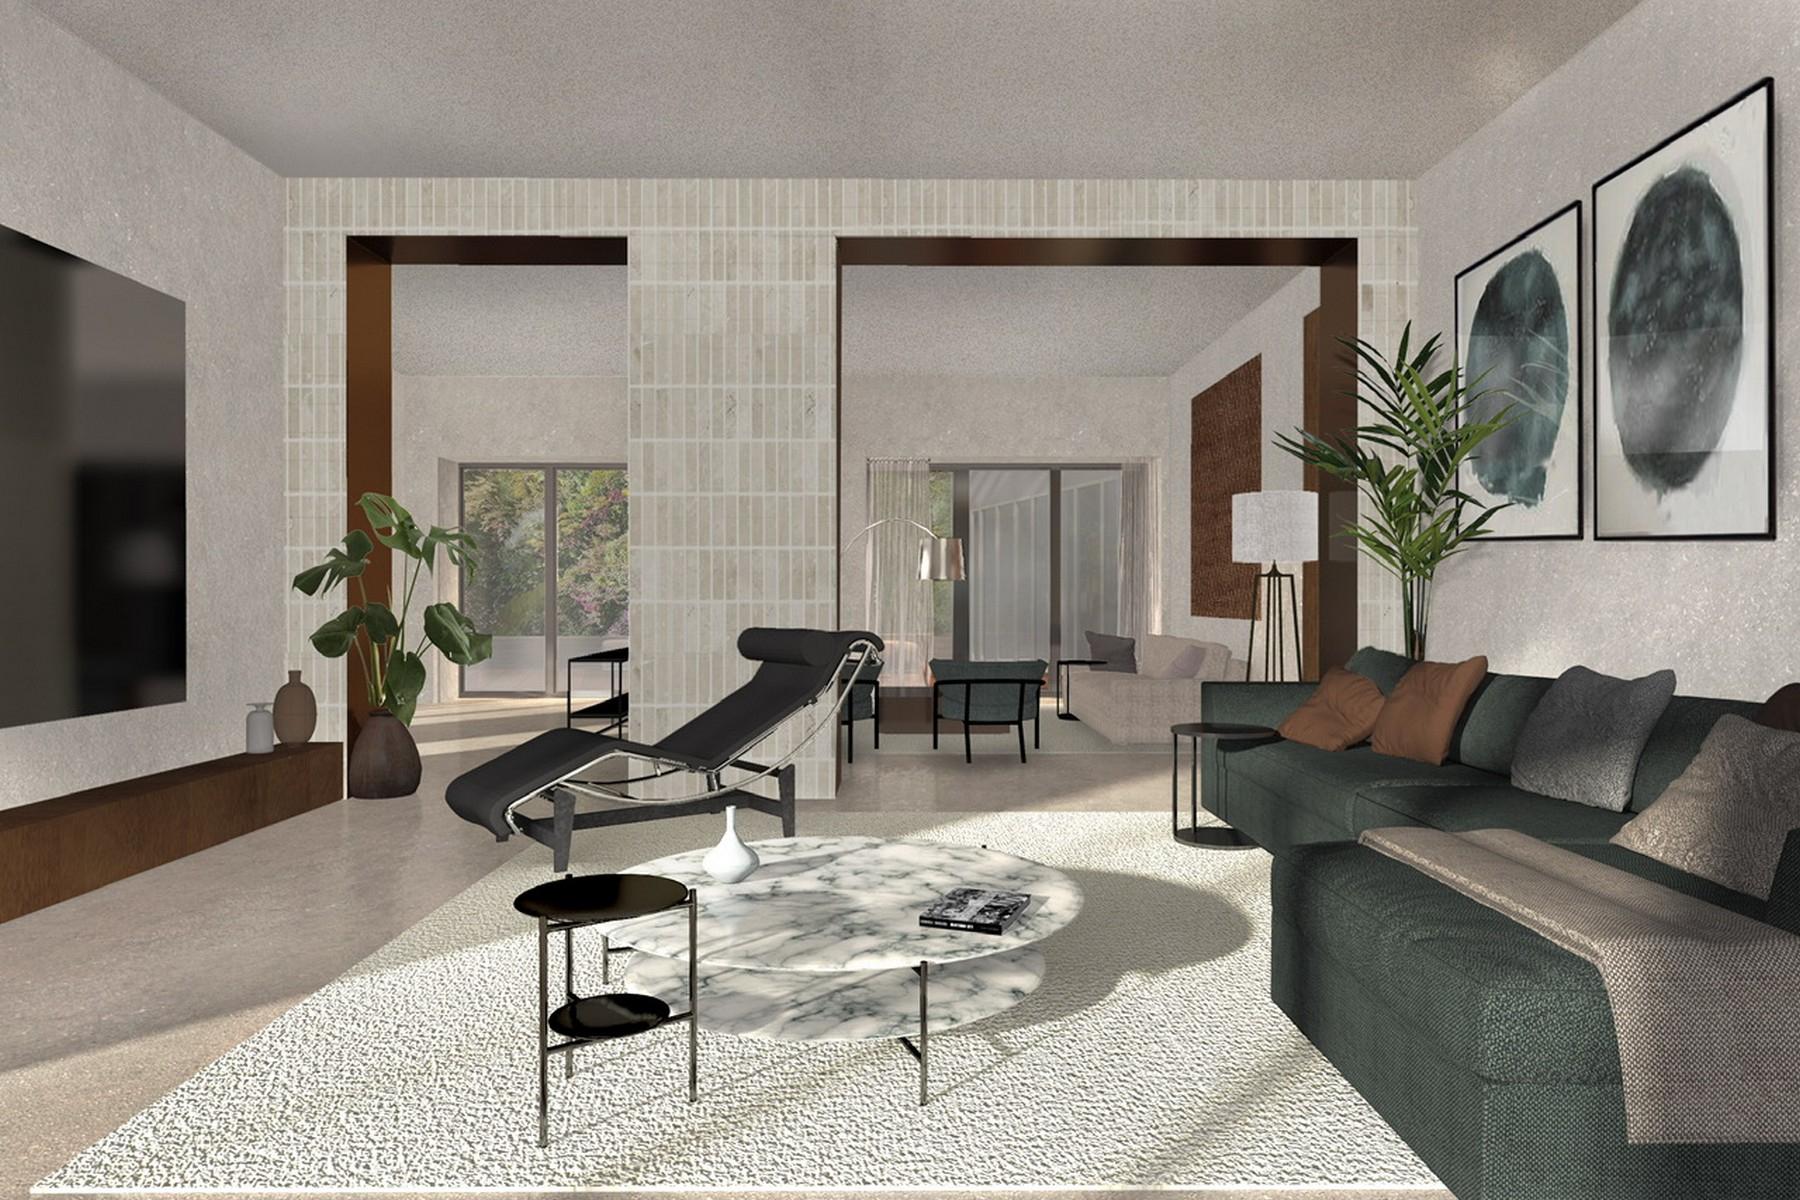 Casa indipendente in Vendita a Milano: 5 locali, 590 mq - Foto 4